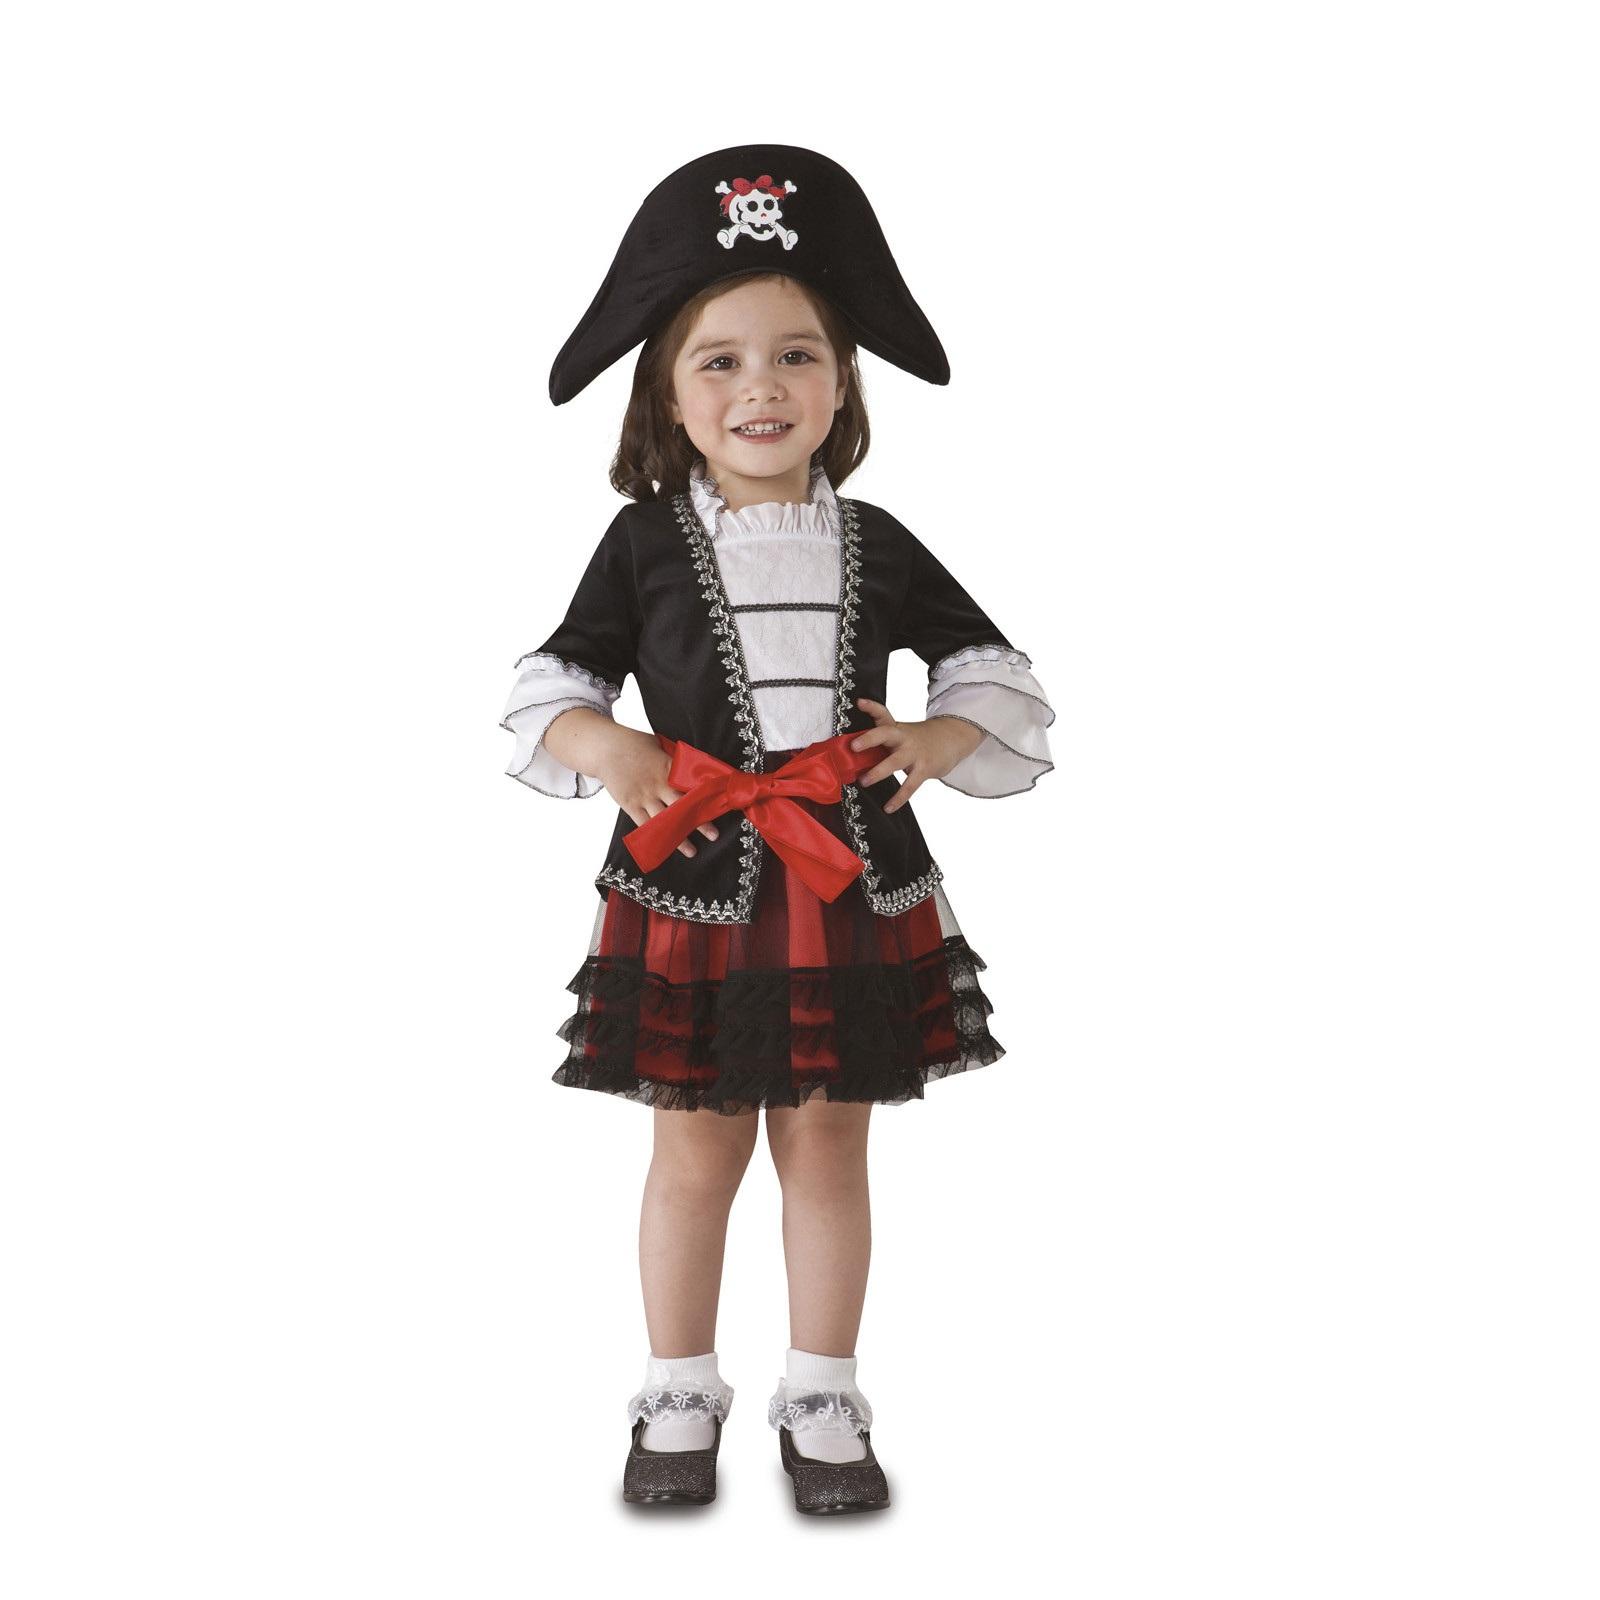 disfraz pirata doncella niña bebé 203190mom - DISFRAZ DE PIRATA DONCELLA BEBE NIÑA